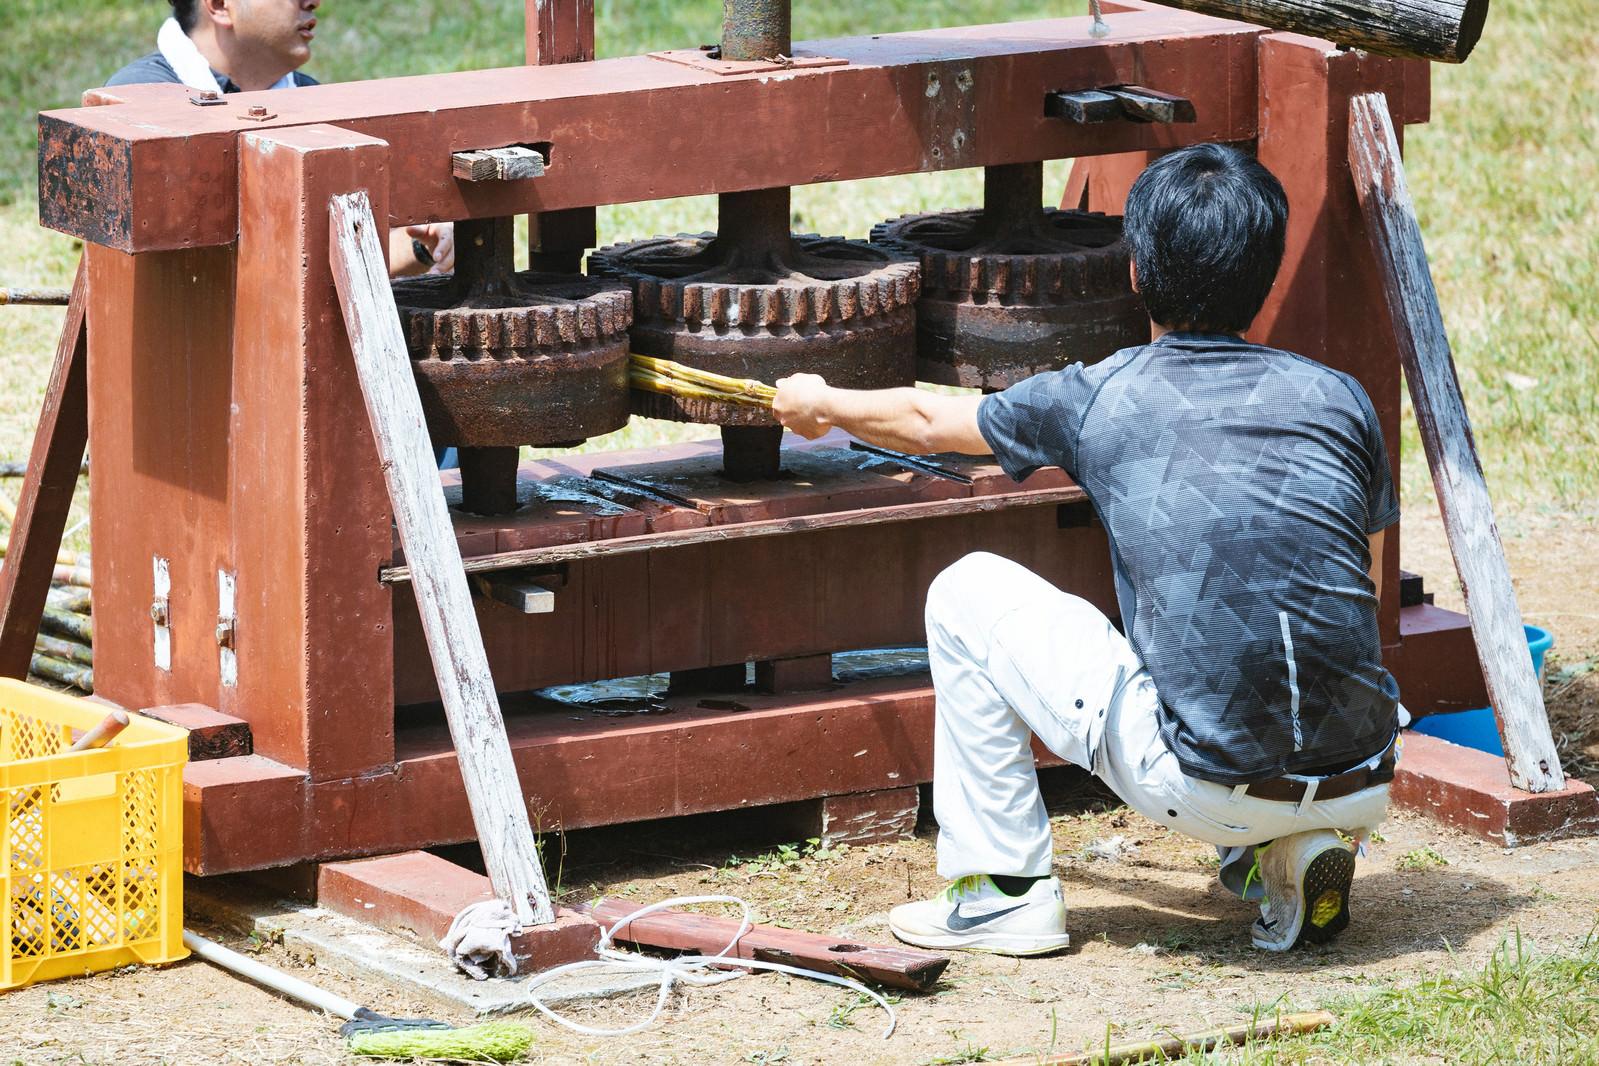 「昔のサトウキビ圧搾機 | 写真の無料素材・フリー素材 - ぱくたそ」の写真